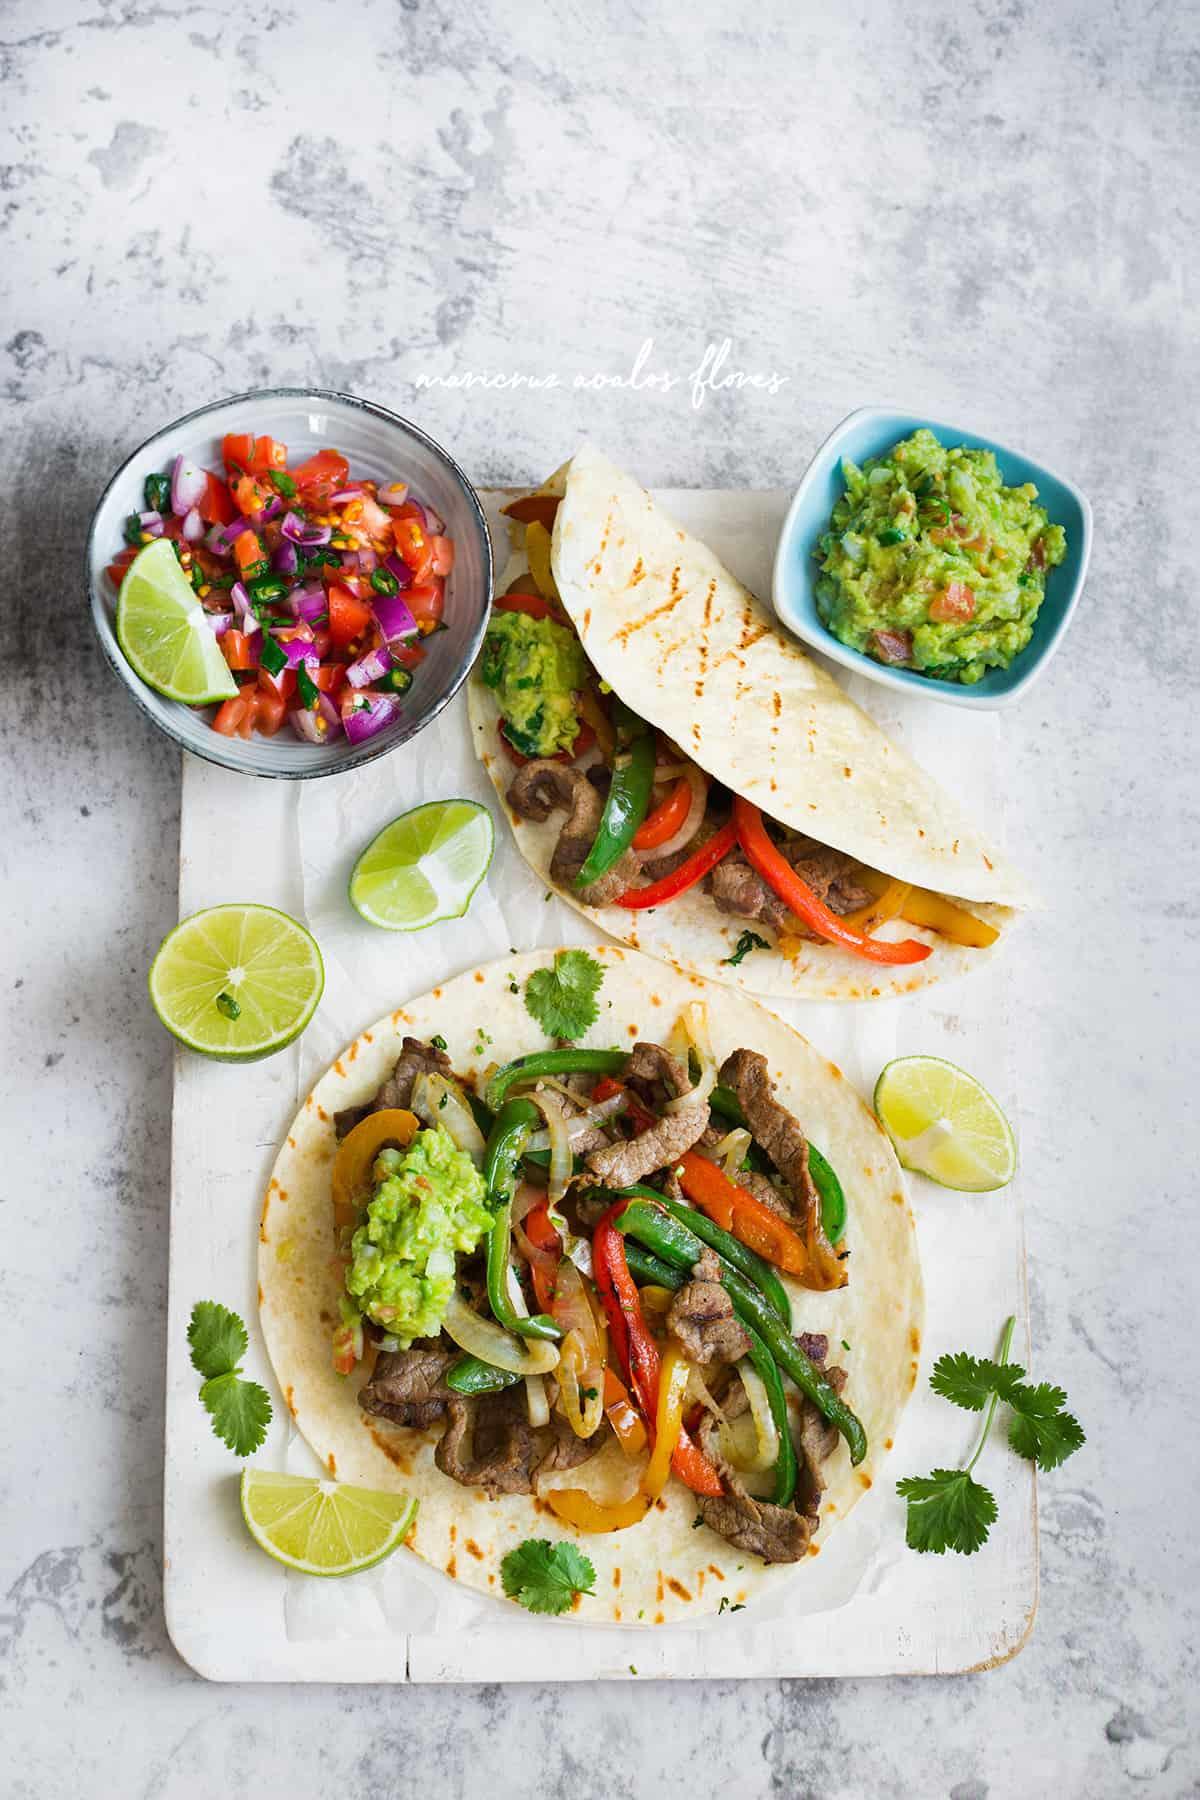 Foto desde arriba de las fajitas de res servidas en tortillas de harina con guacamole y pico de gallo.